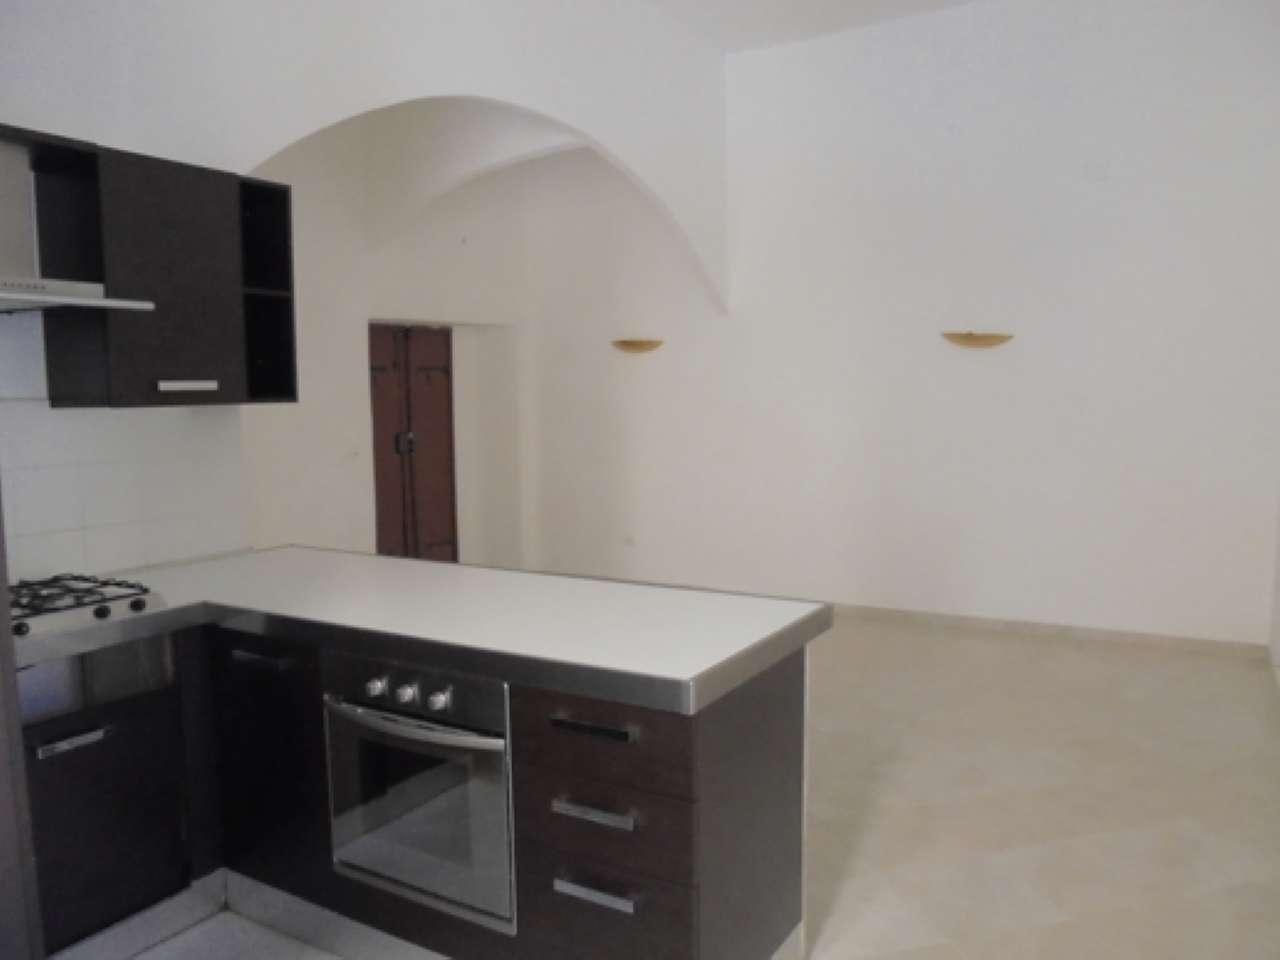 Appartamento ristrutturato in vendita Rif. 7141430